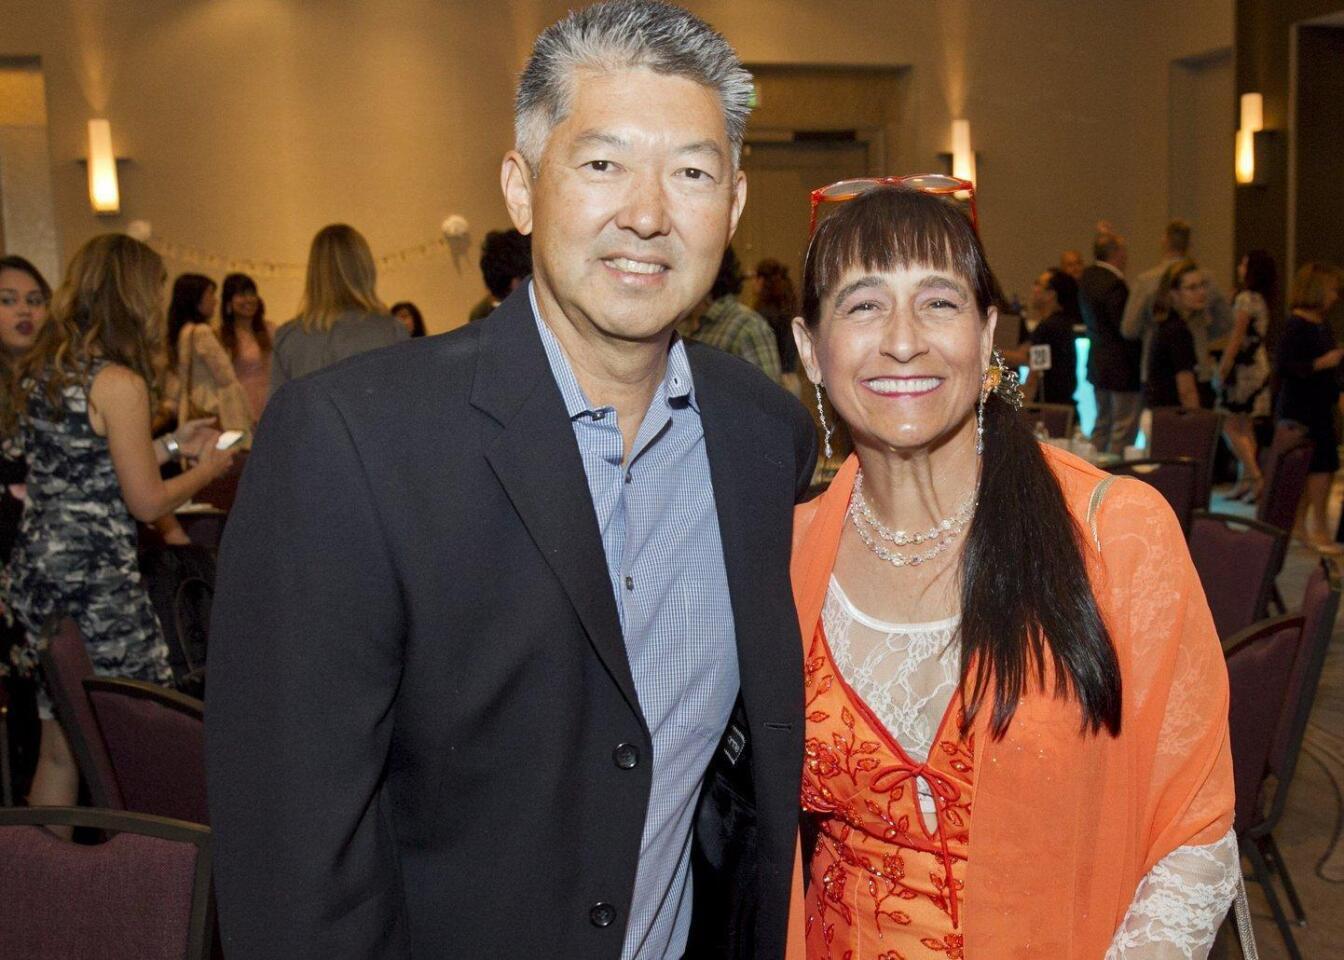 Gary and Lisa Inouye